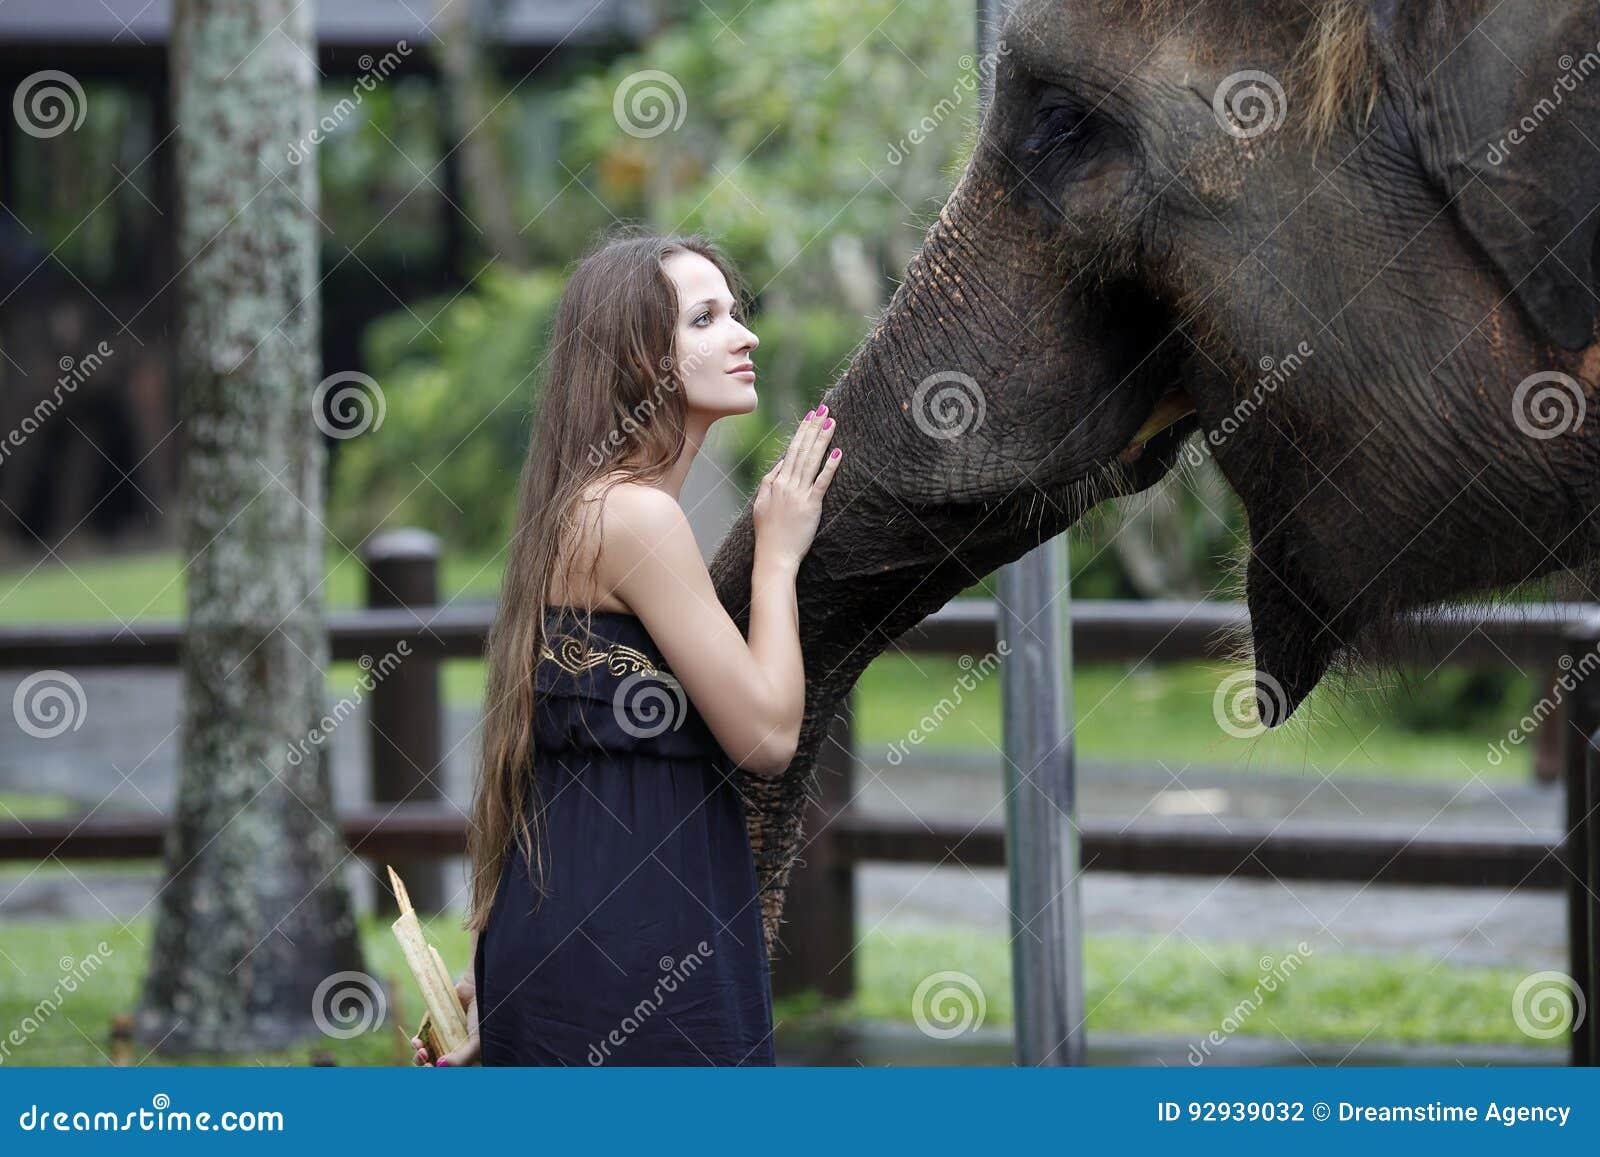 La mujer con el elefante, invitaciones, y le acaricia en el hocico, con